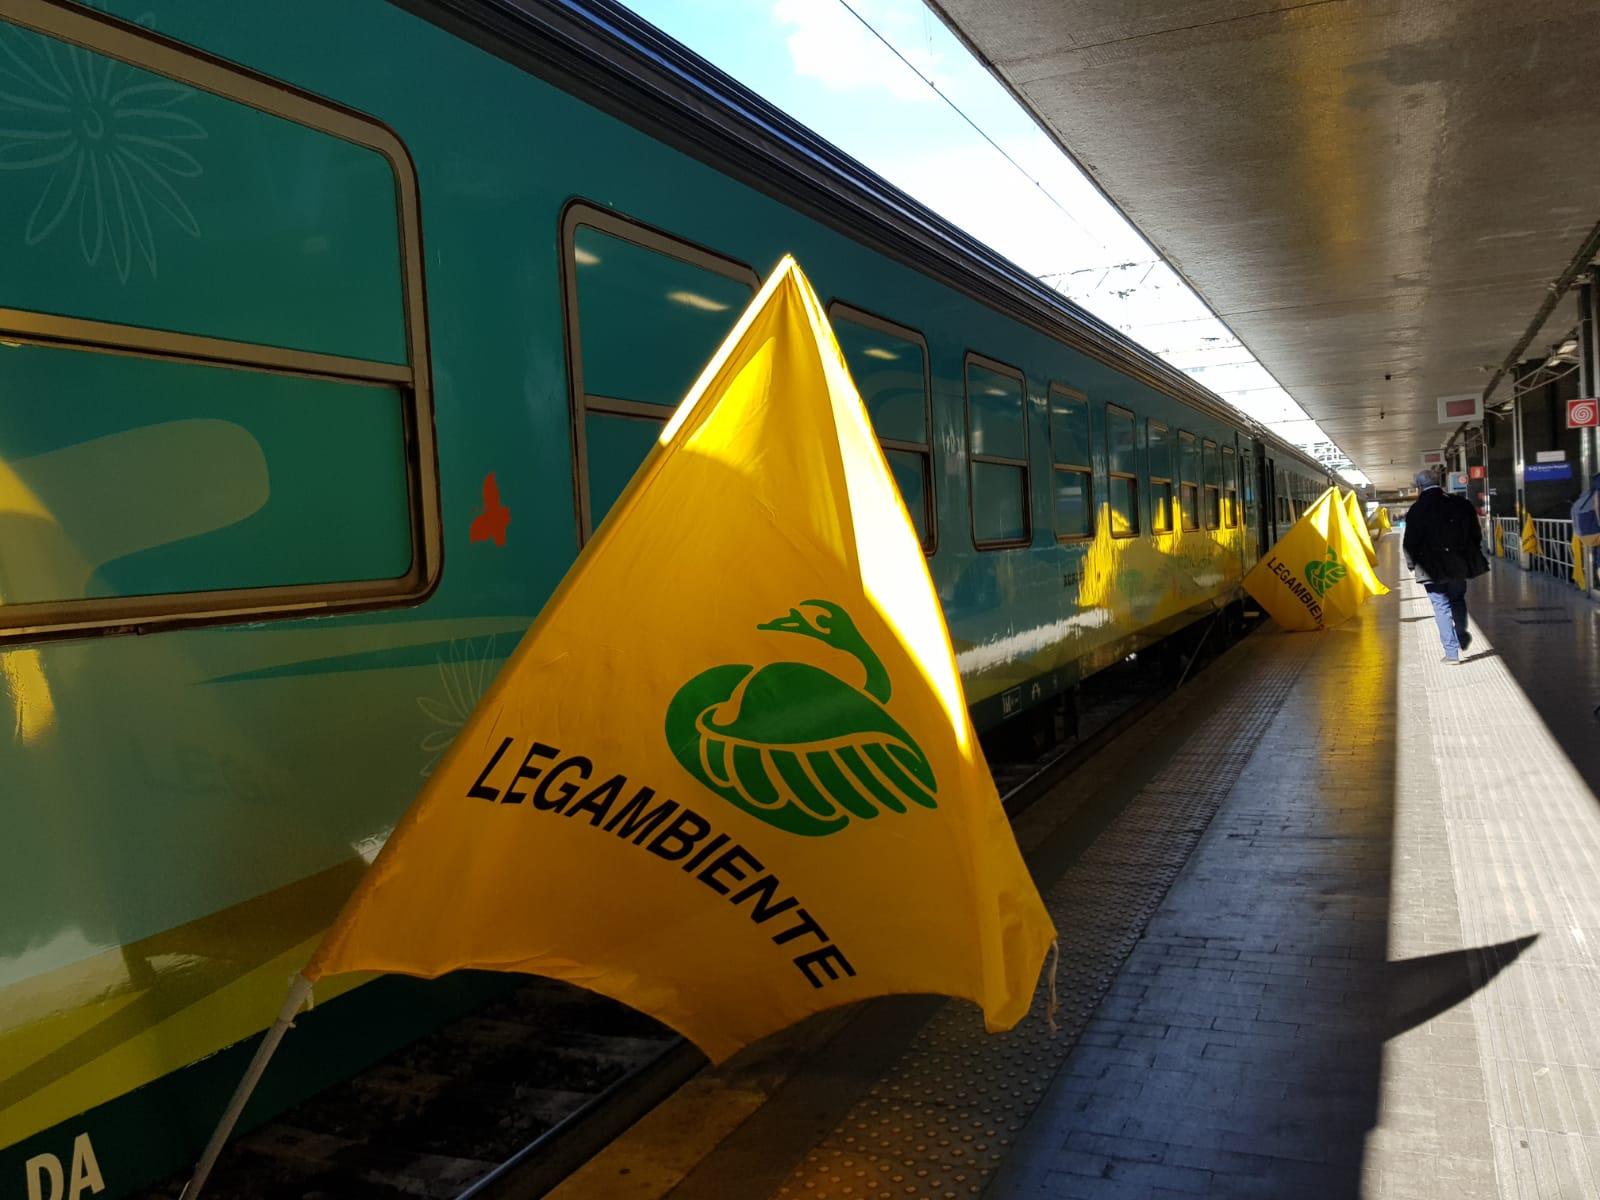 Il Treno Verde di Legambiente e Ferrovie dello Stato Italiane arriva a Roma